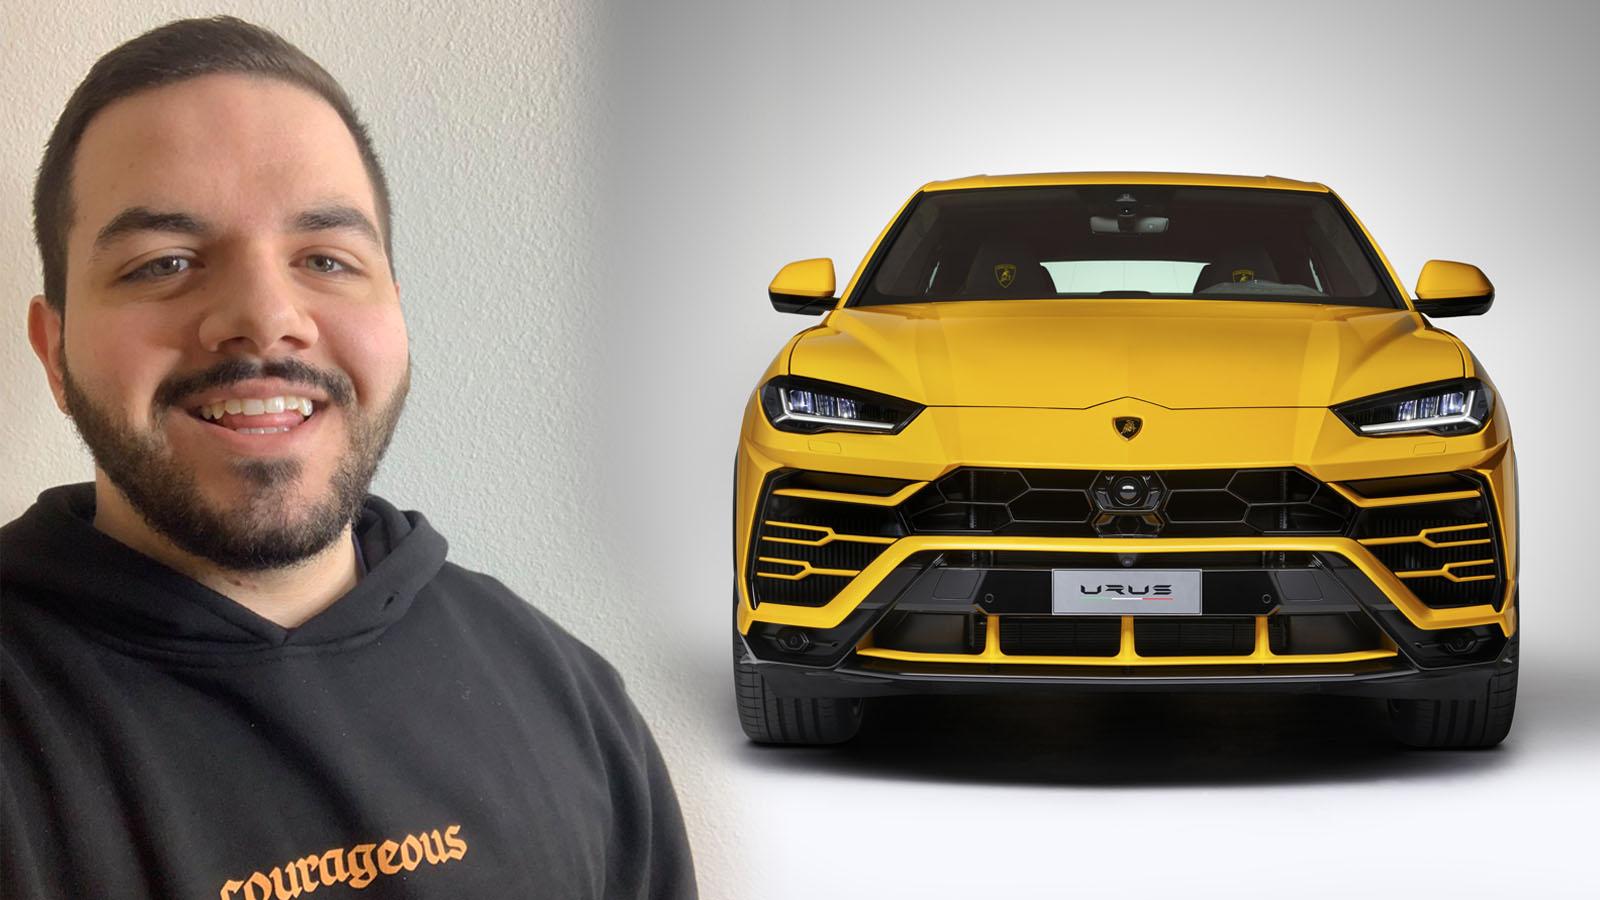 CouRage buys Lamborghini Urus